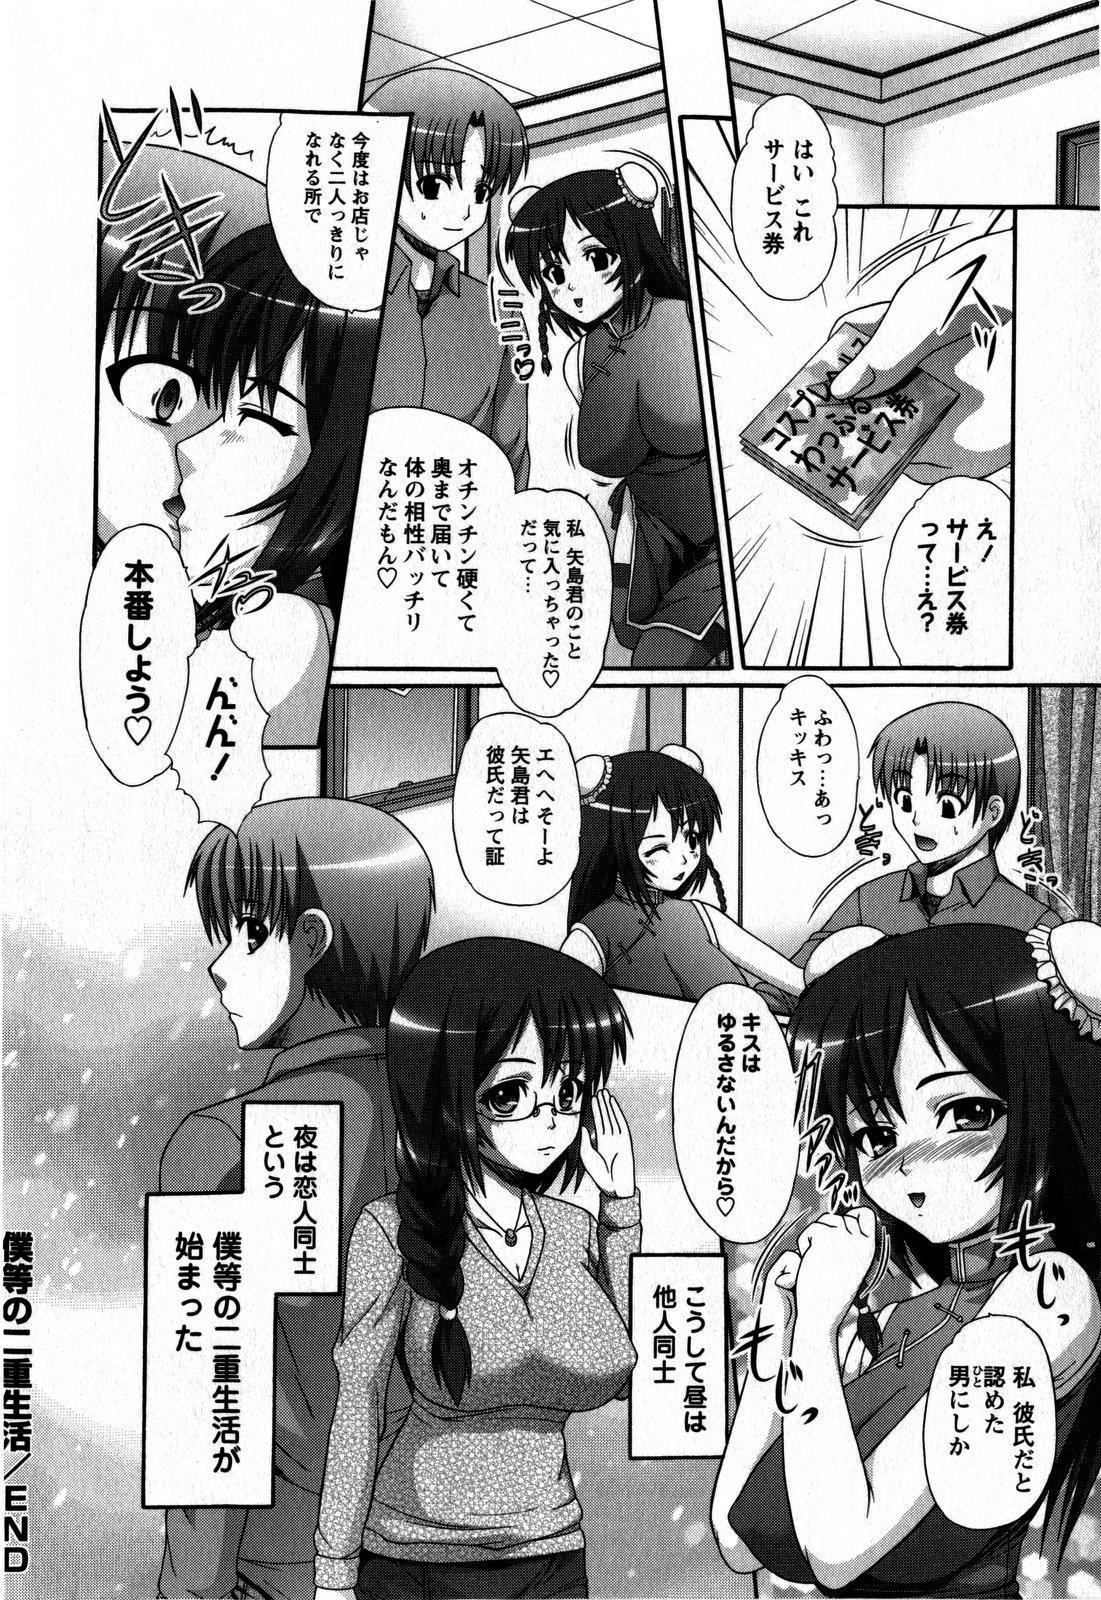 Comic Masyo 2009-06 21